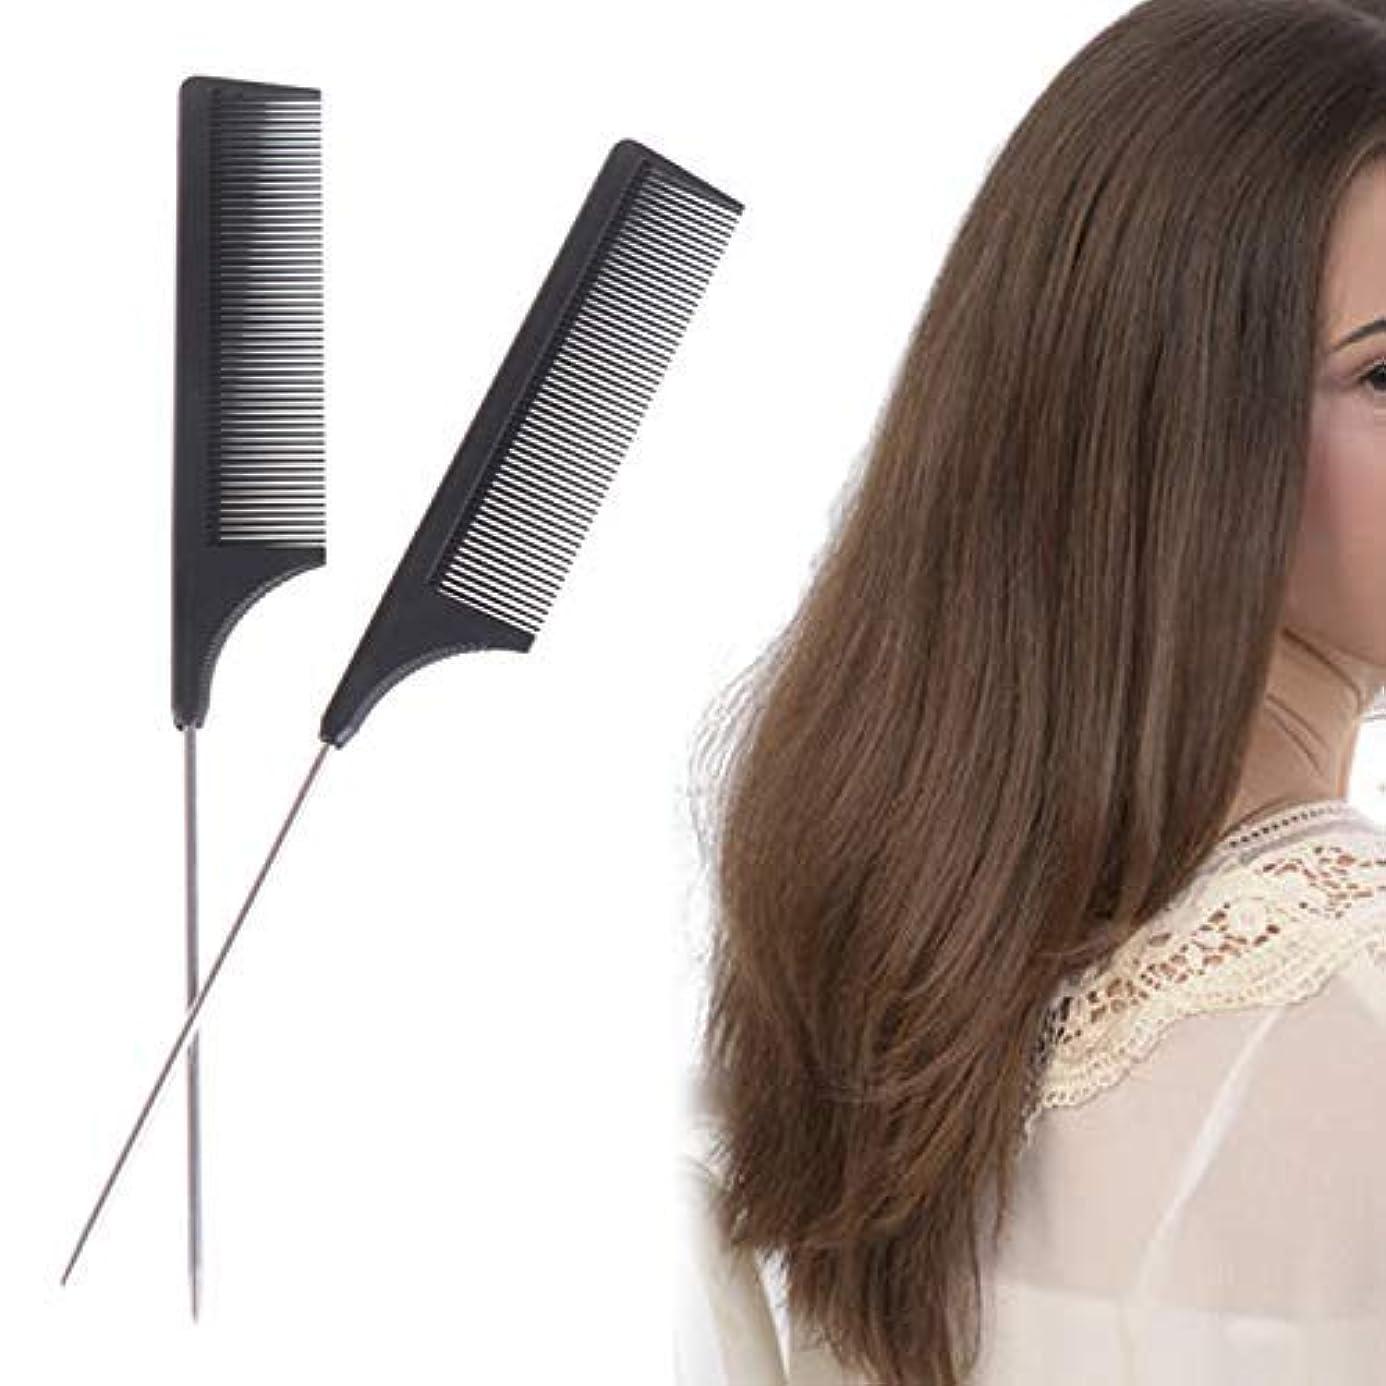 海外で納得させる森2 Pieces Comb Black Tail Styling Comb Chemical Heat Resistant Teasing Comb Carbon Fiber Hair Styling Combs for...